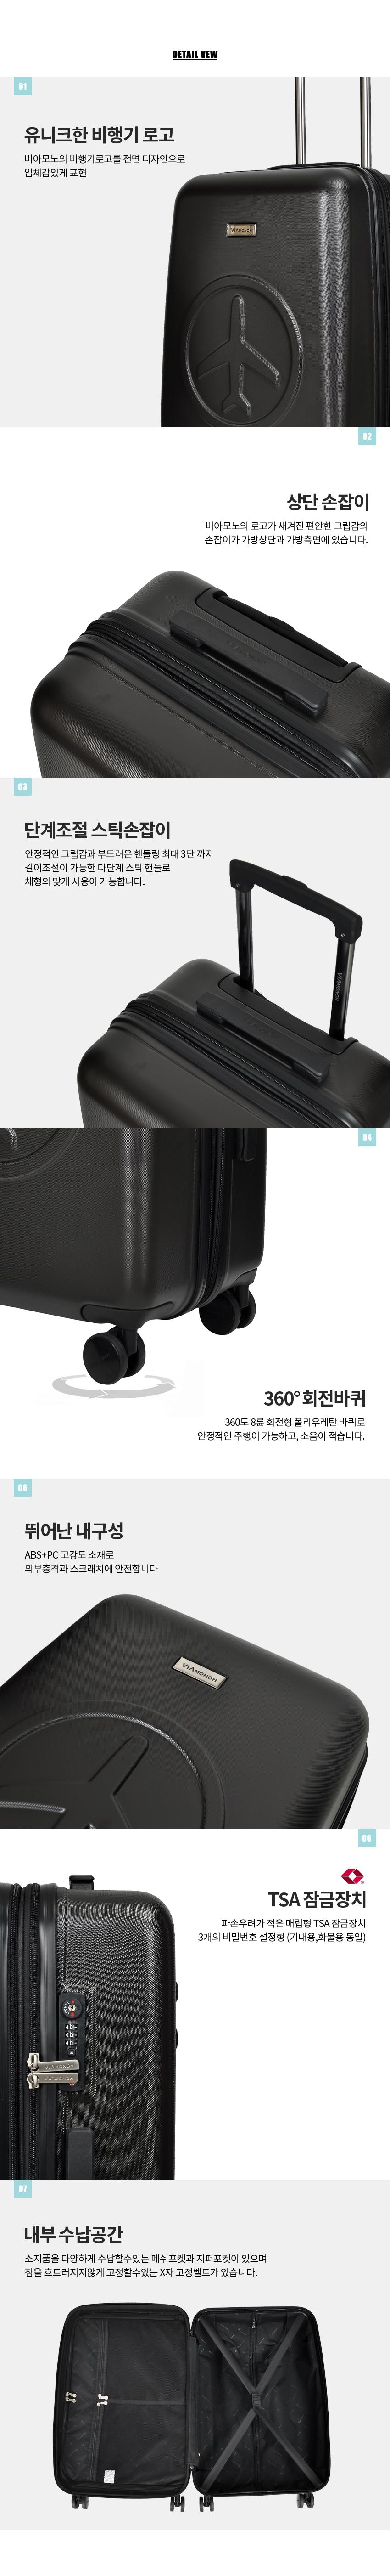 VAGS9094BK_detail.jpg